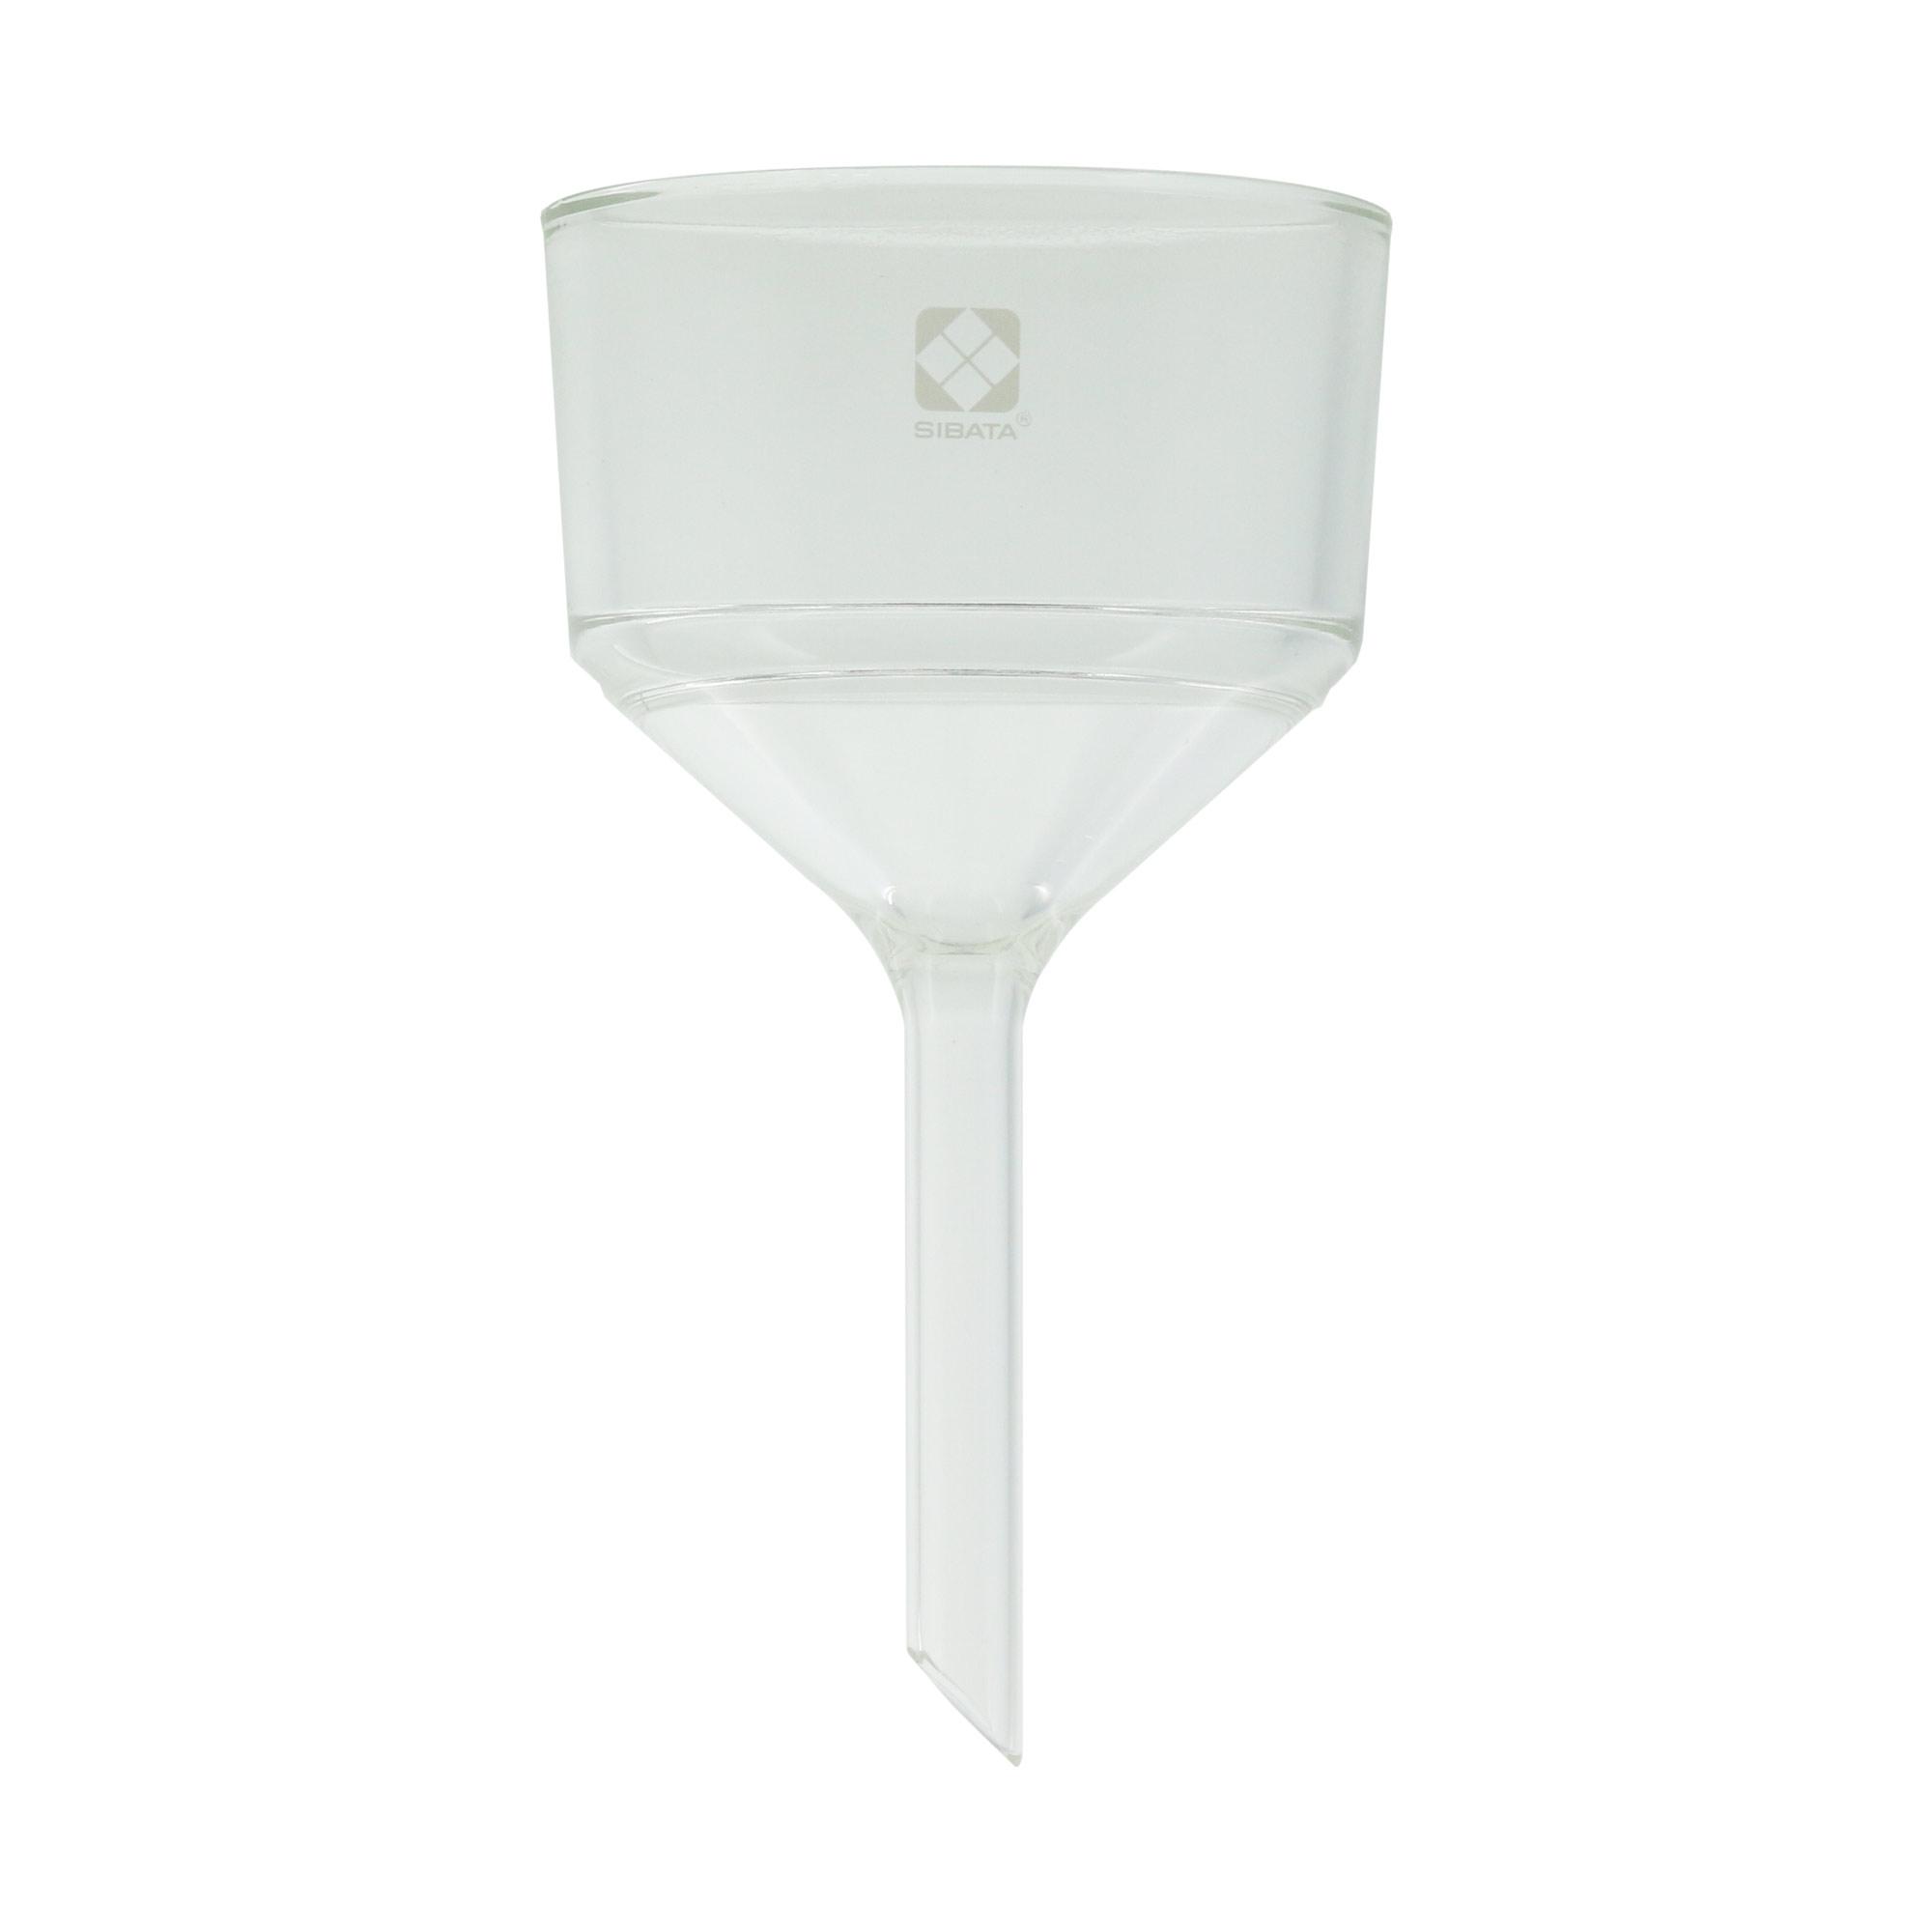 015360-701 ブフナーロート 分離形 PTFE目皿板なし φ77mm 180mL 柴田科学(SIBATA)